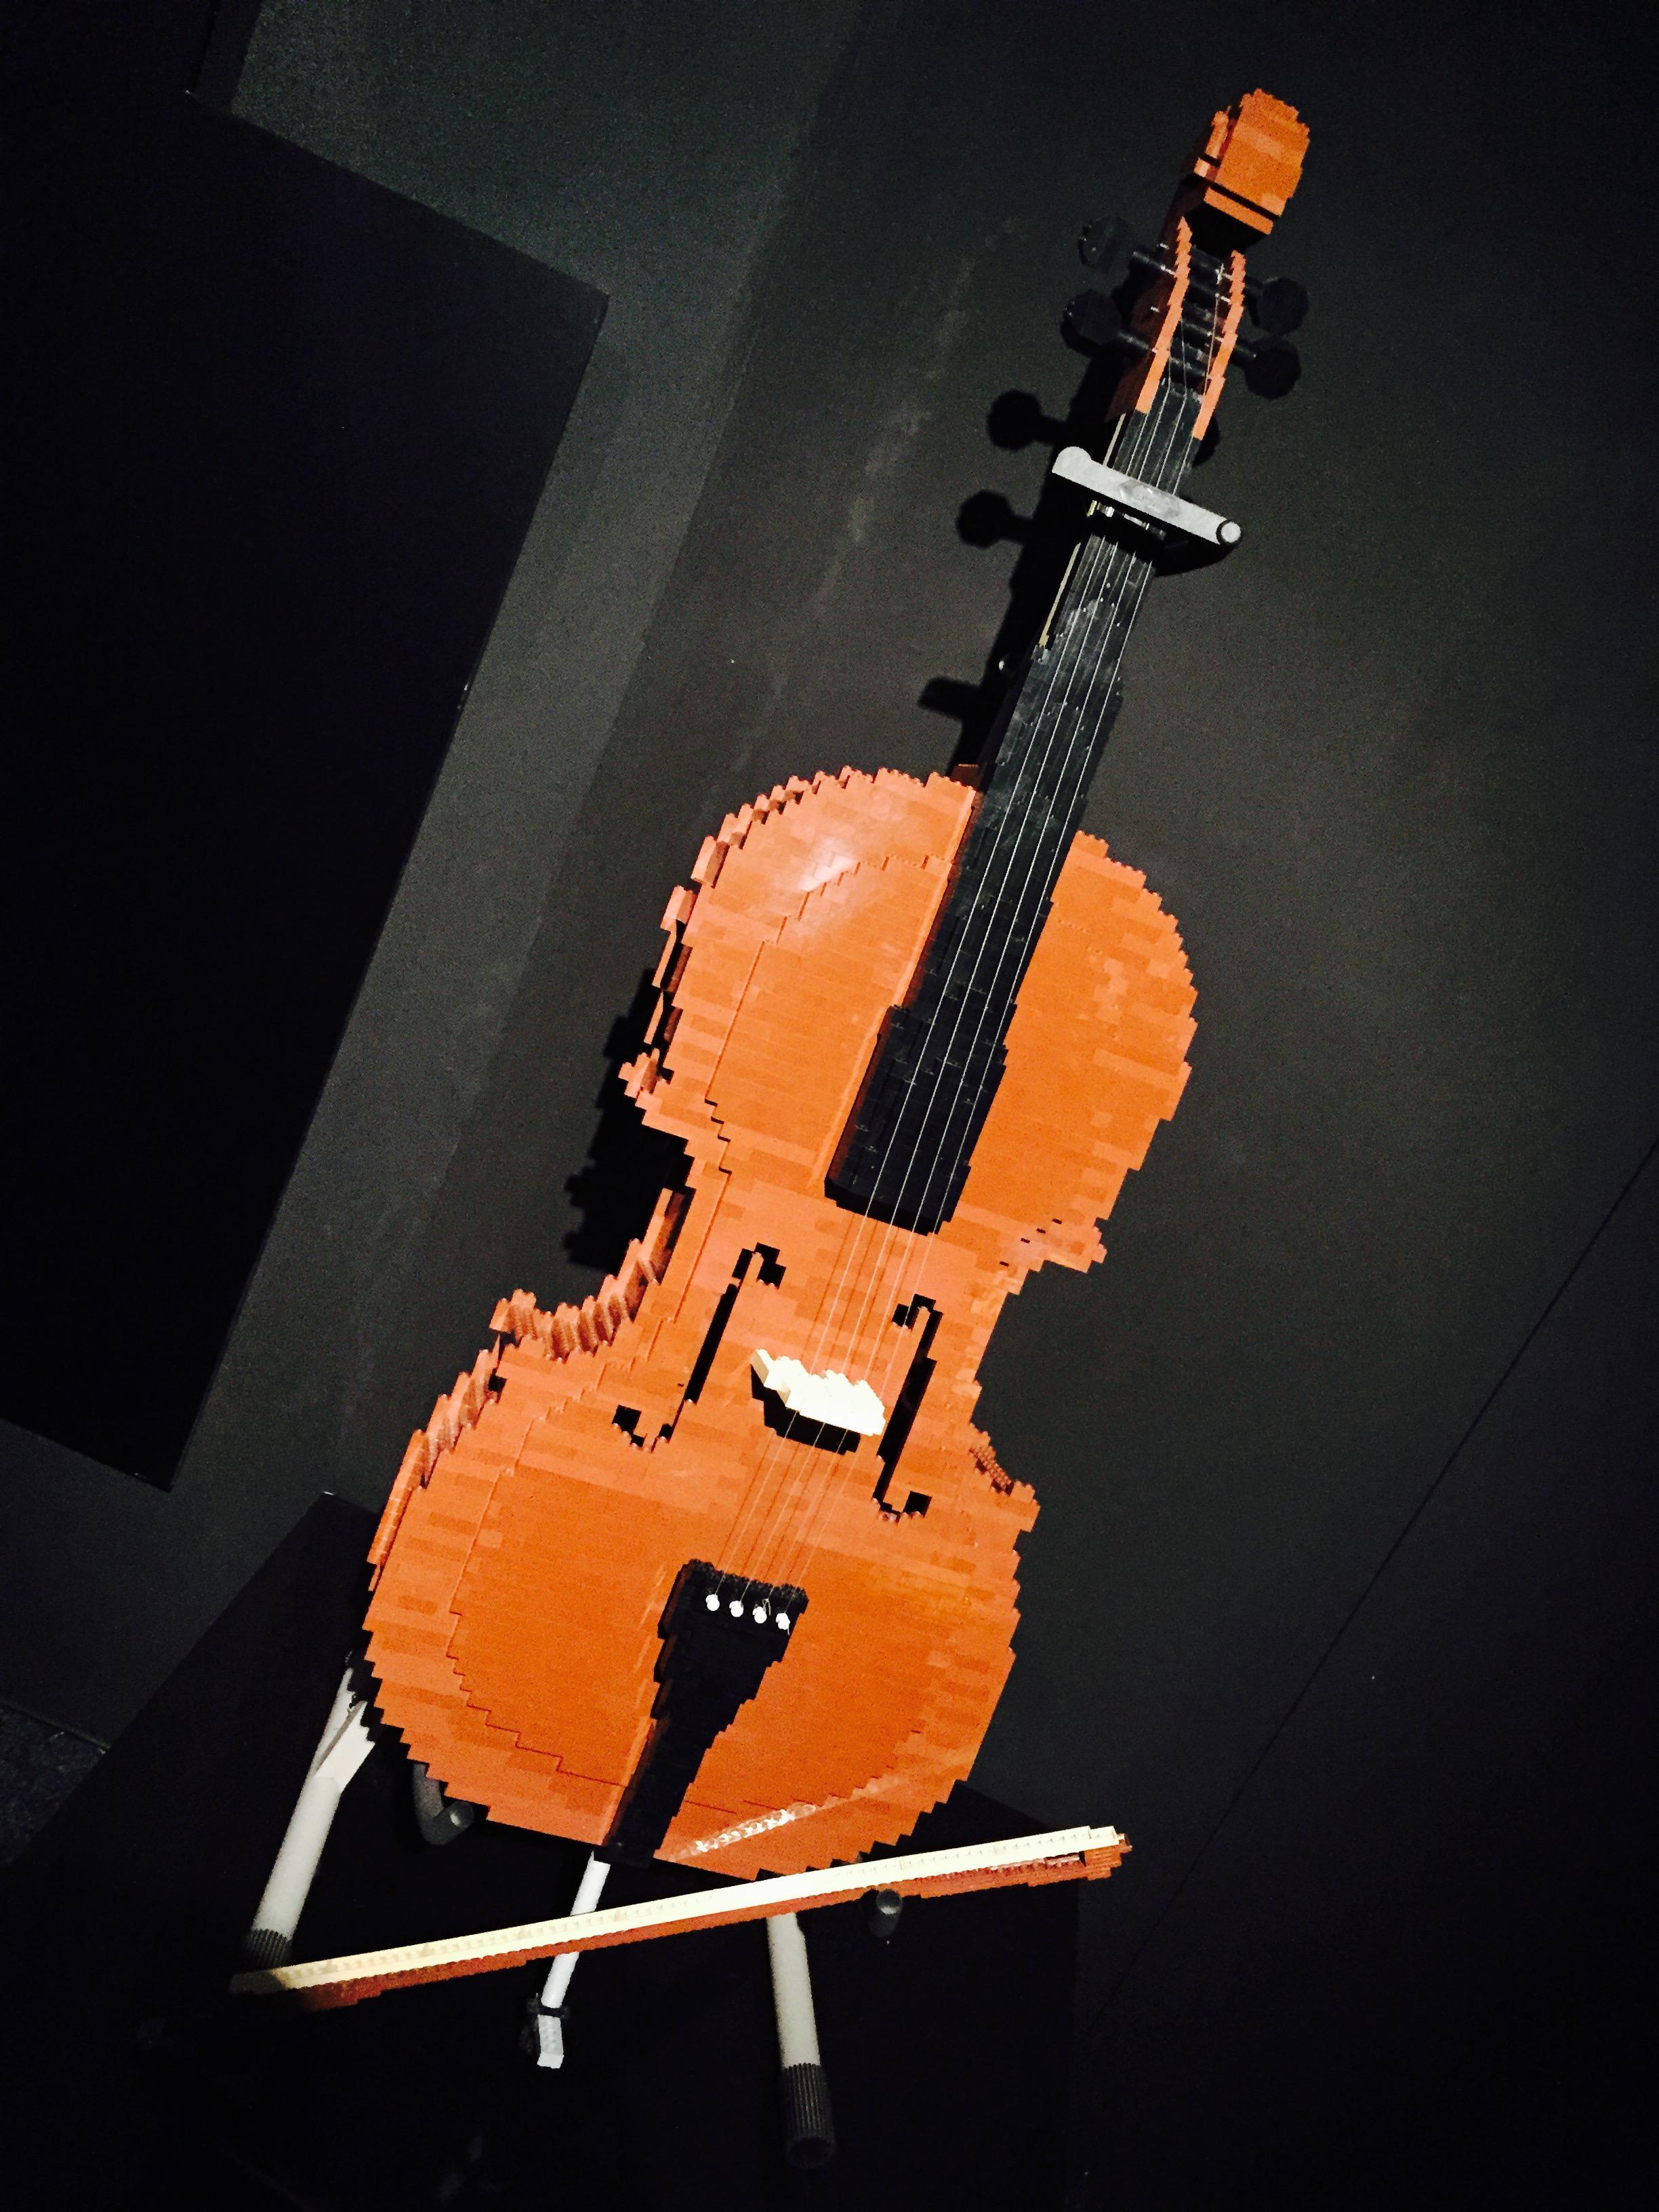 lego cello